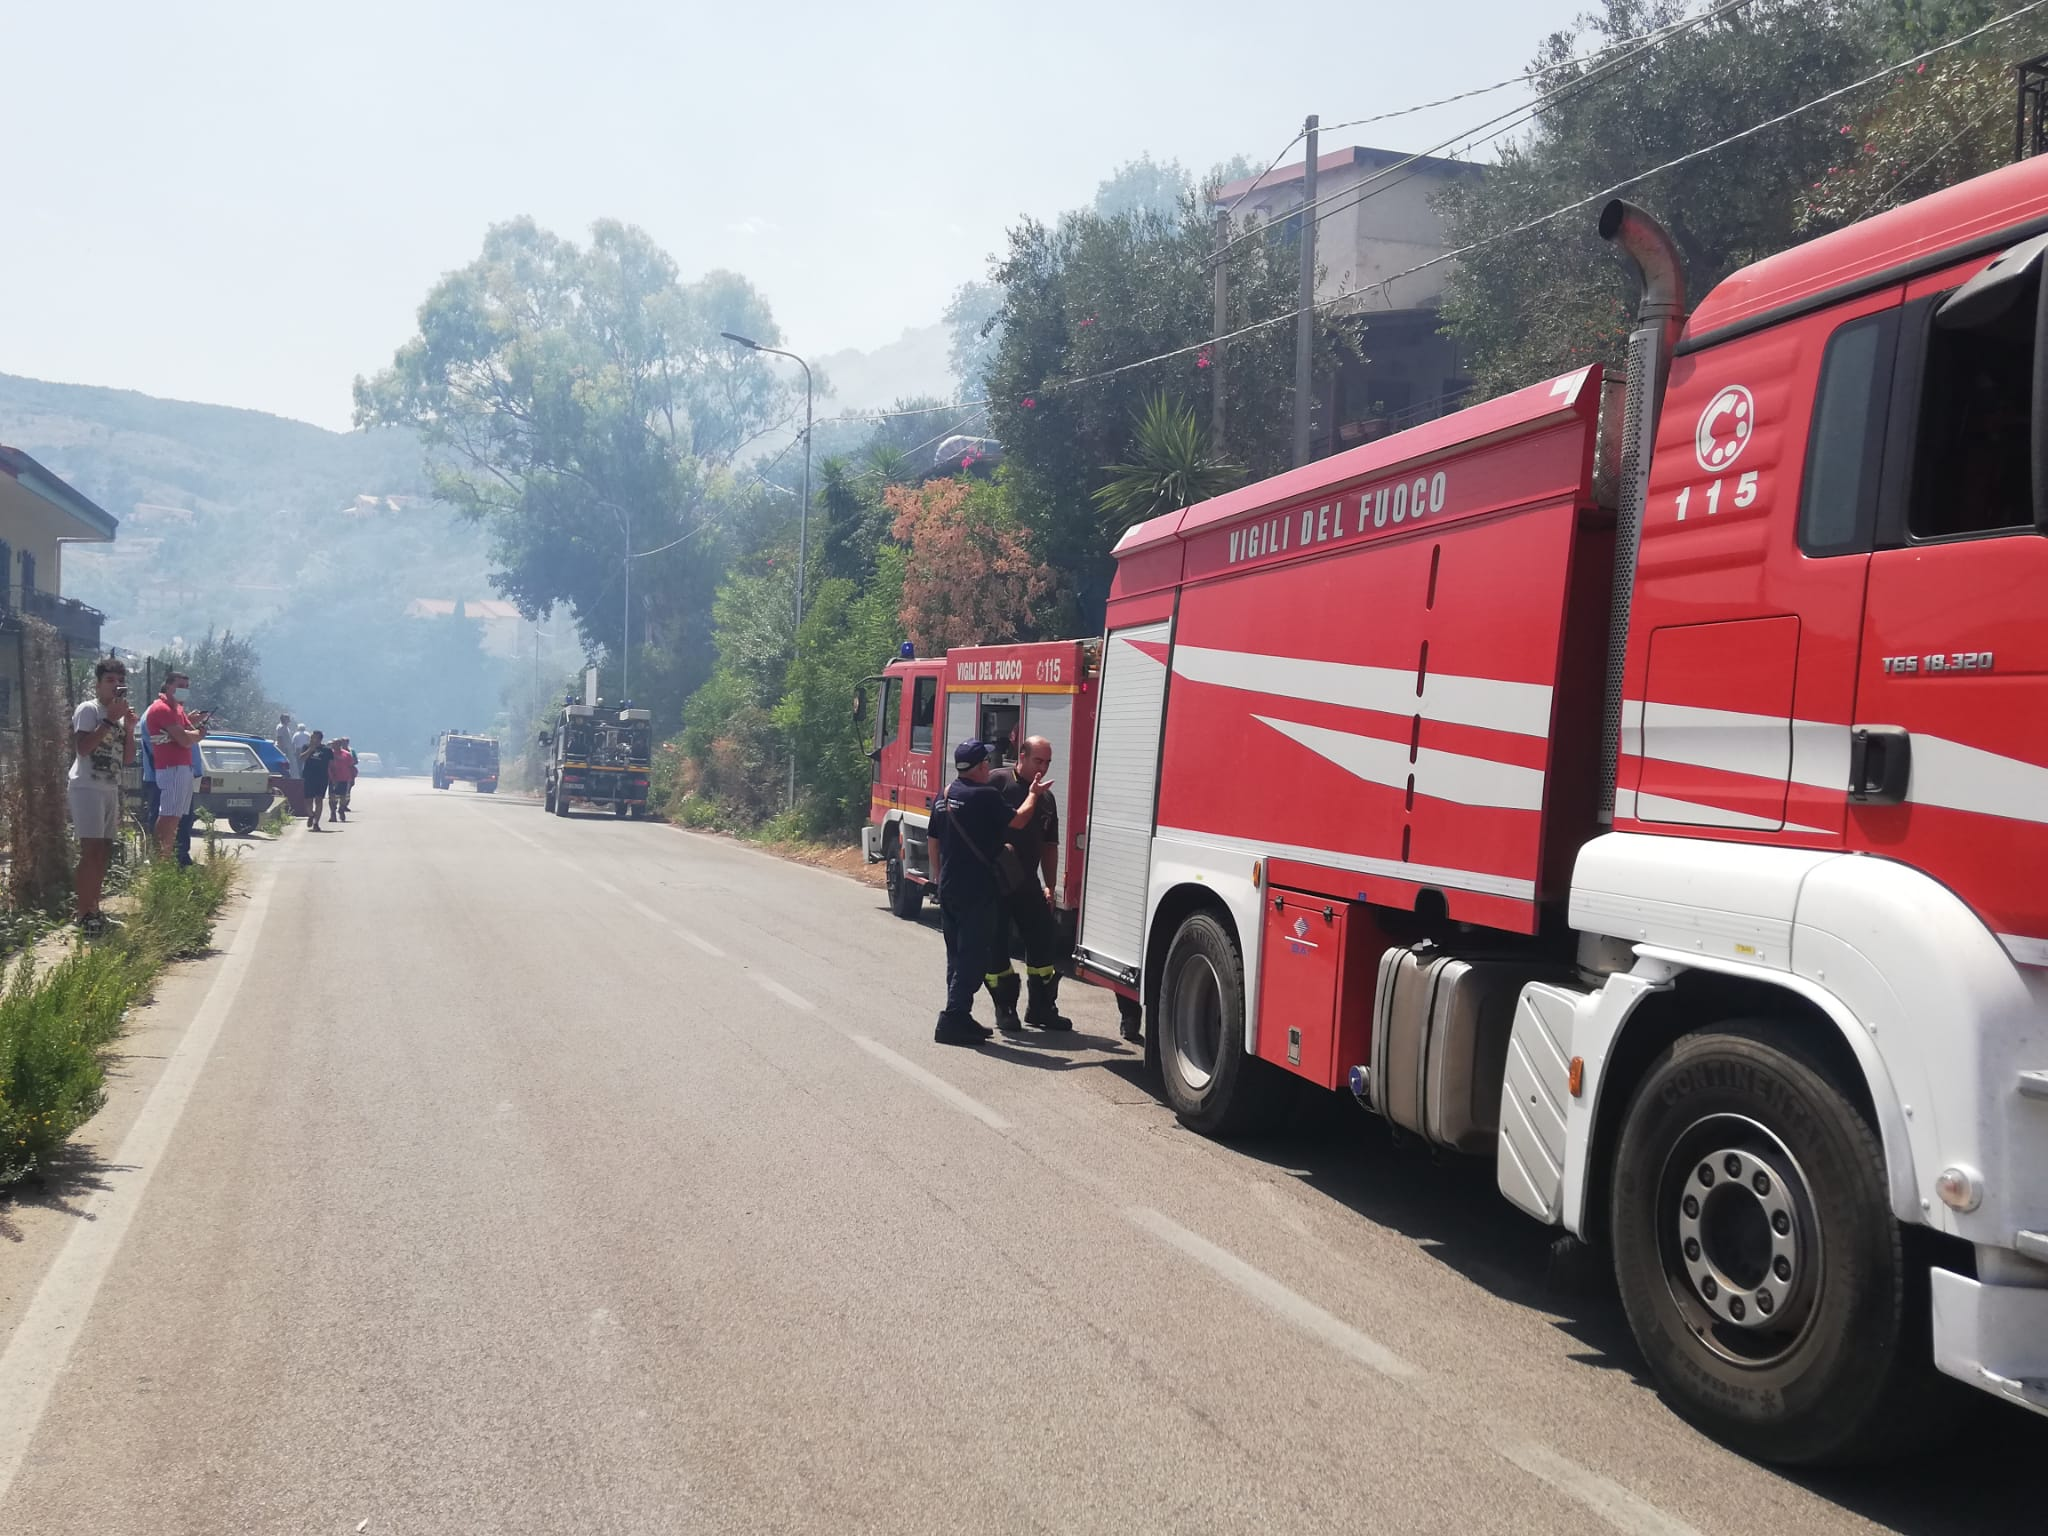 Ennesimo incendio a Pioppo: fiamme a ridosso delle abitazioni – FOTO